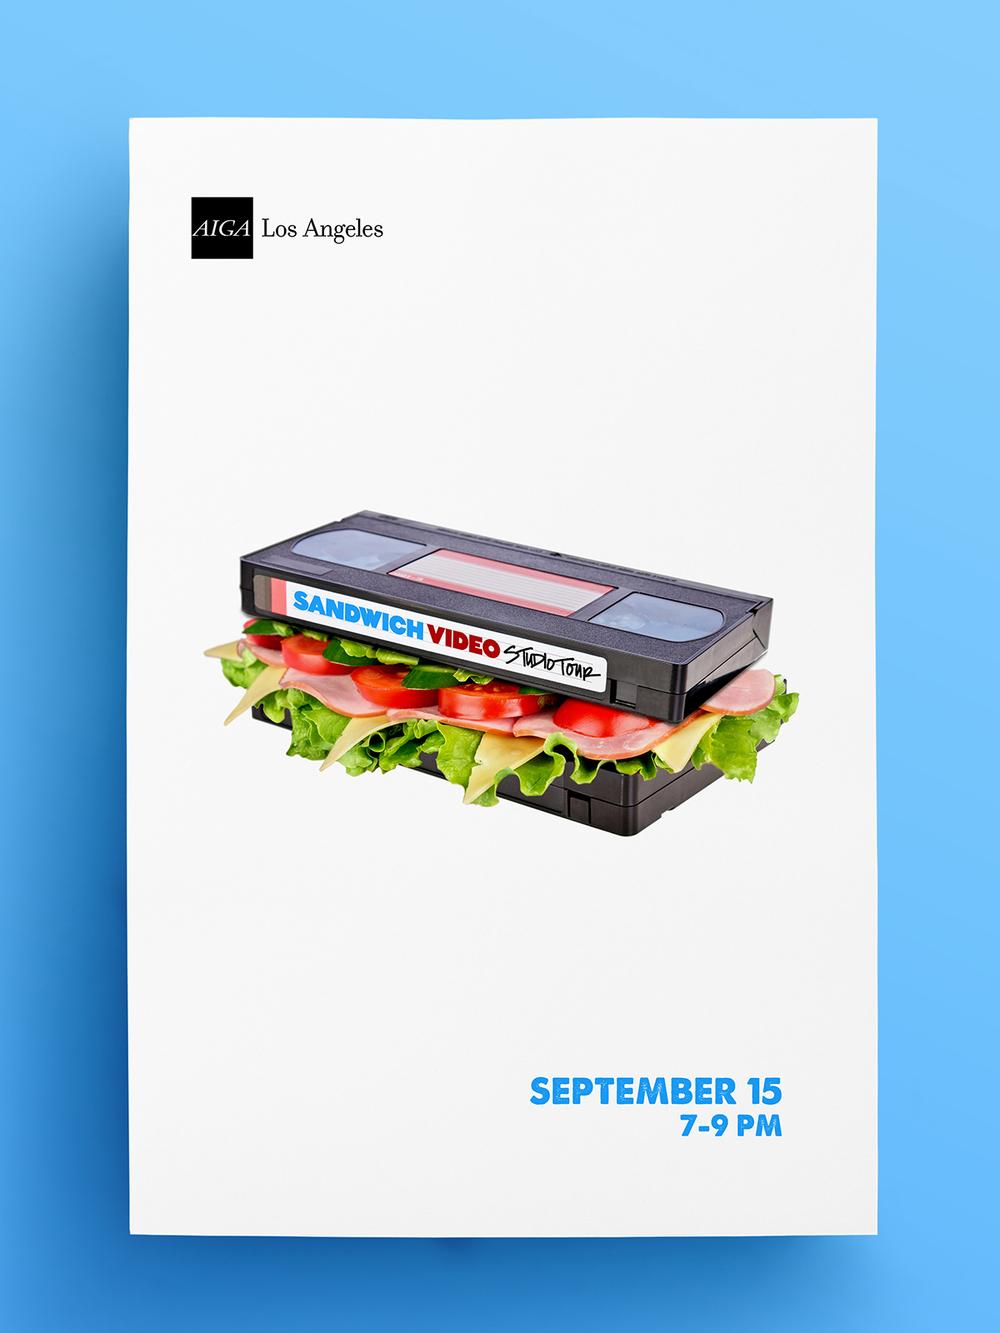 Sandwich Video Studio Tour